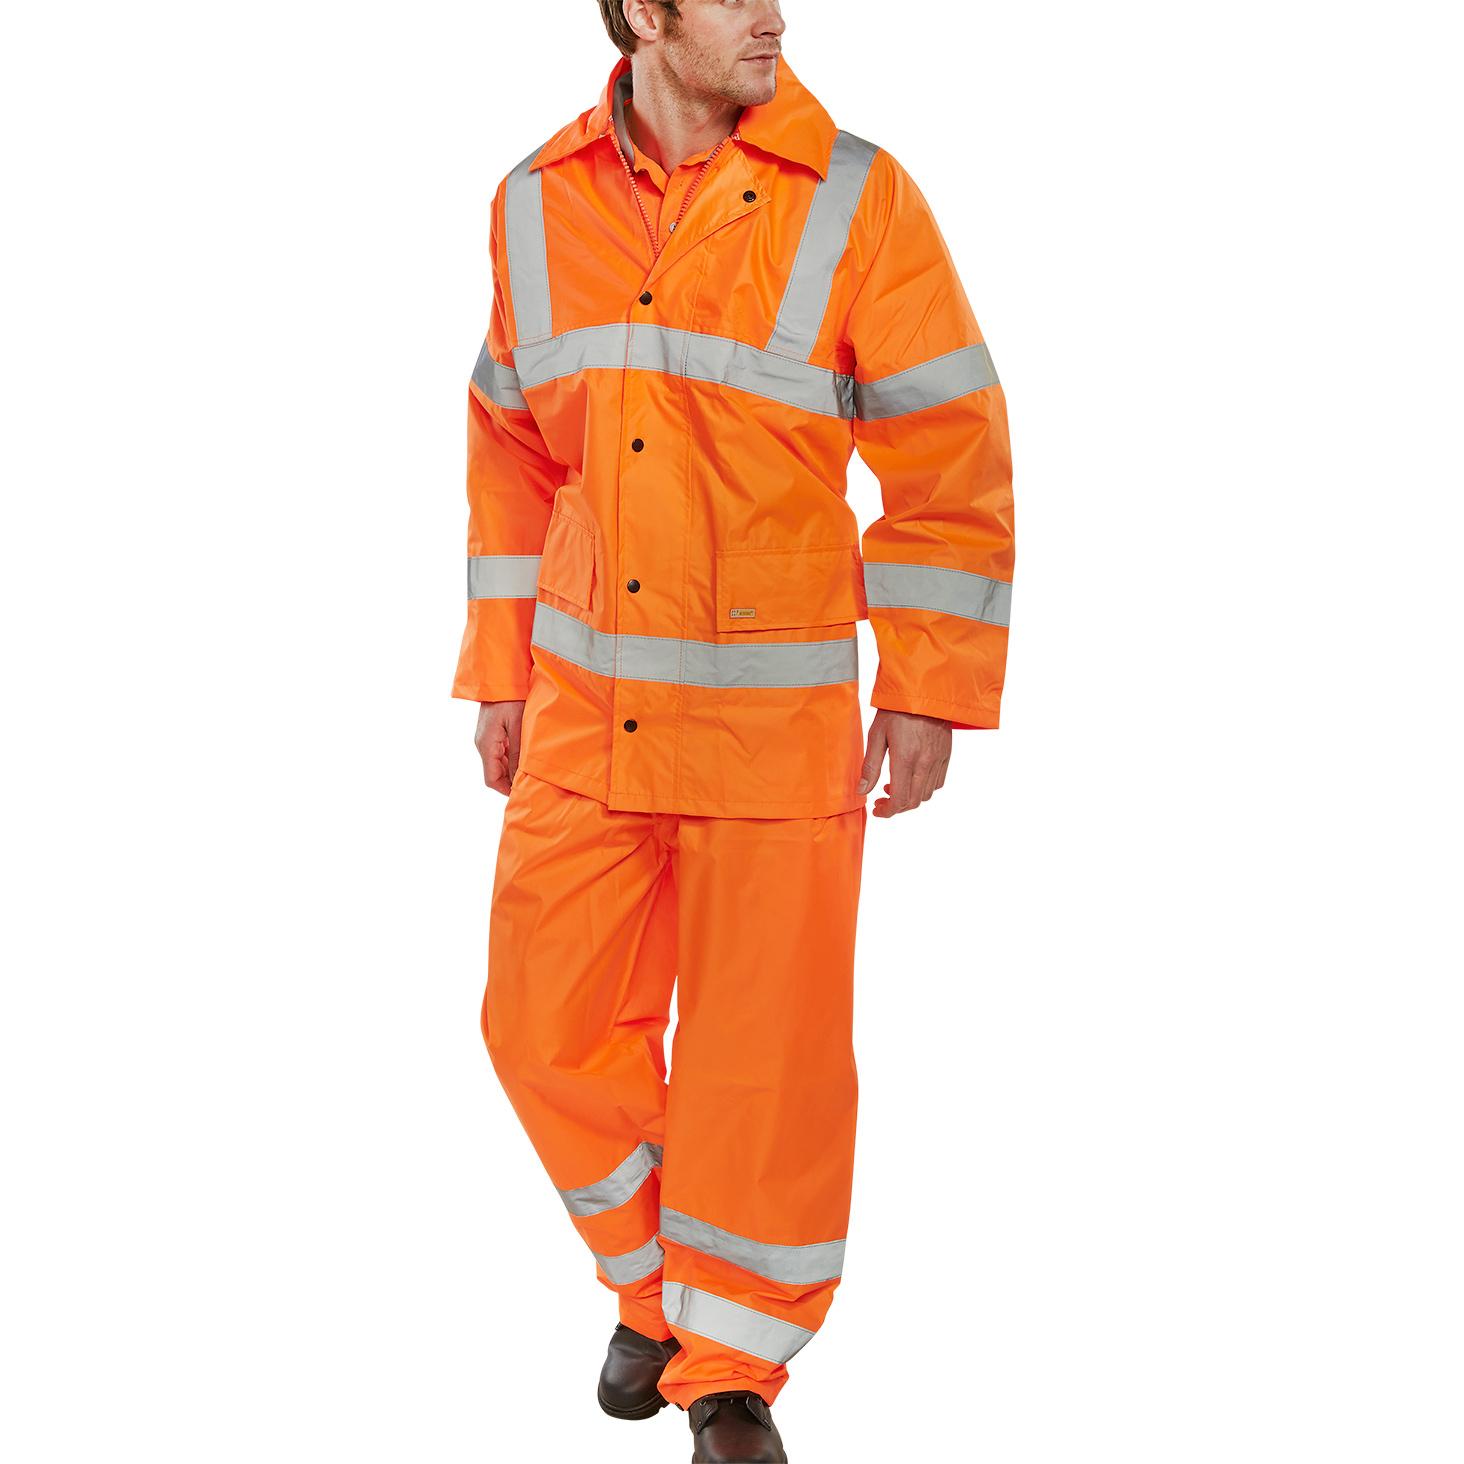 BSeen Hi-Vis L/Wt Suit Jkt/Trs EN ISO 20471 EN 343 3XL Orange Ref TS8ORXXXL *Up to 3 Day Leadtime*